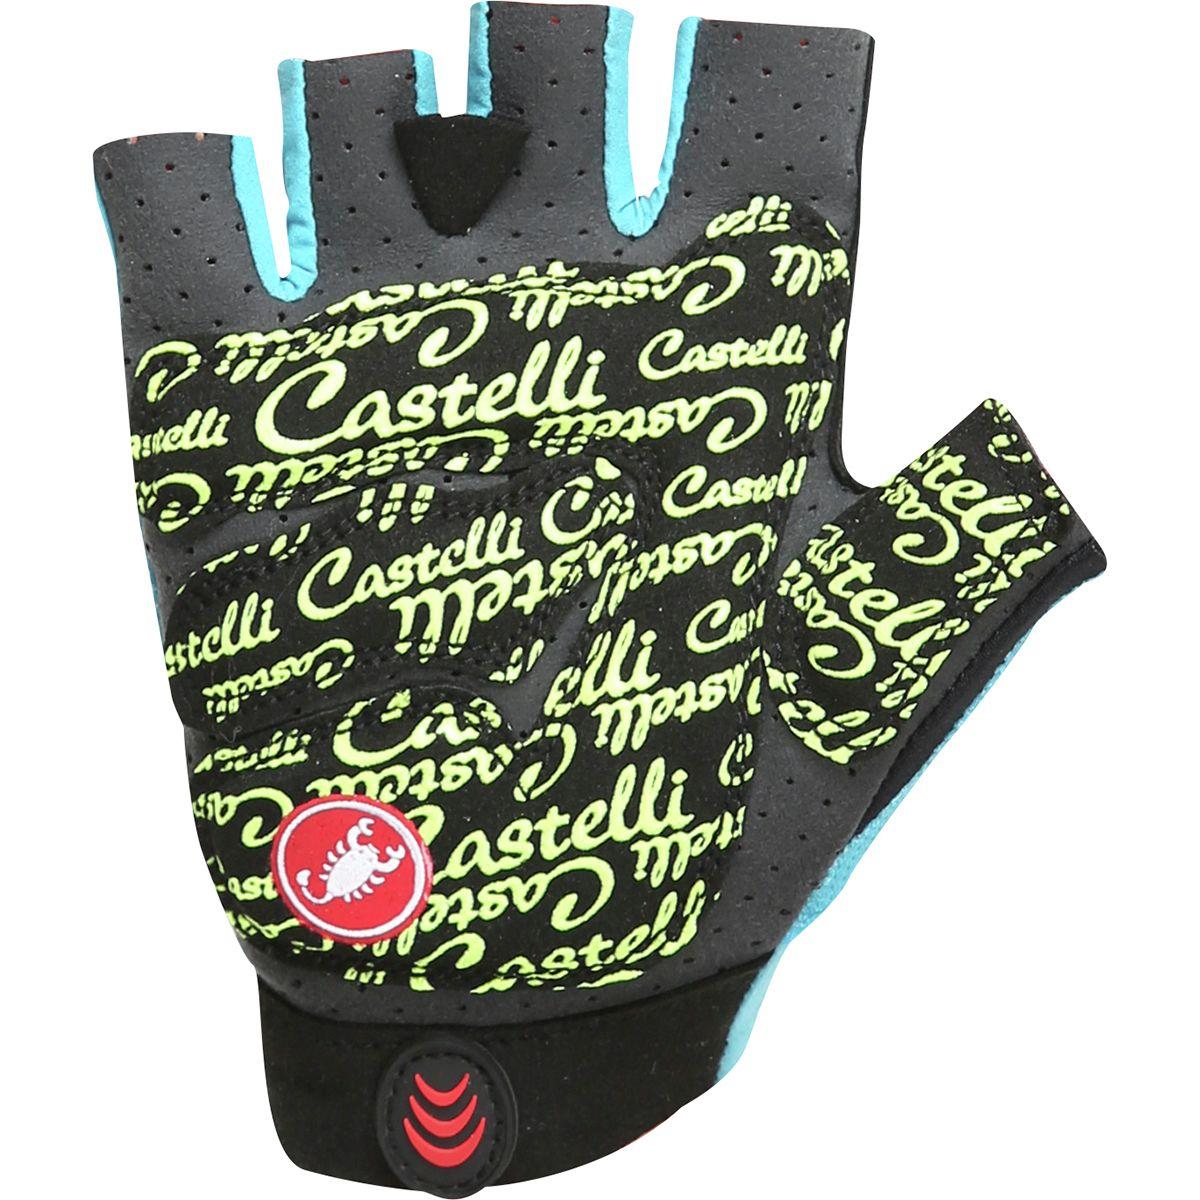 Castelli-Rosso-Corsa-Pave-Glove-Women-039-s miniature 9